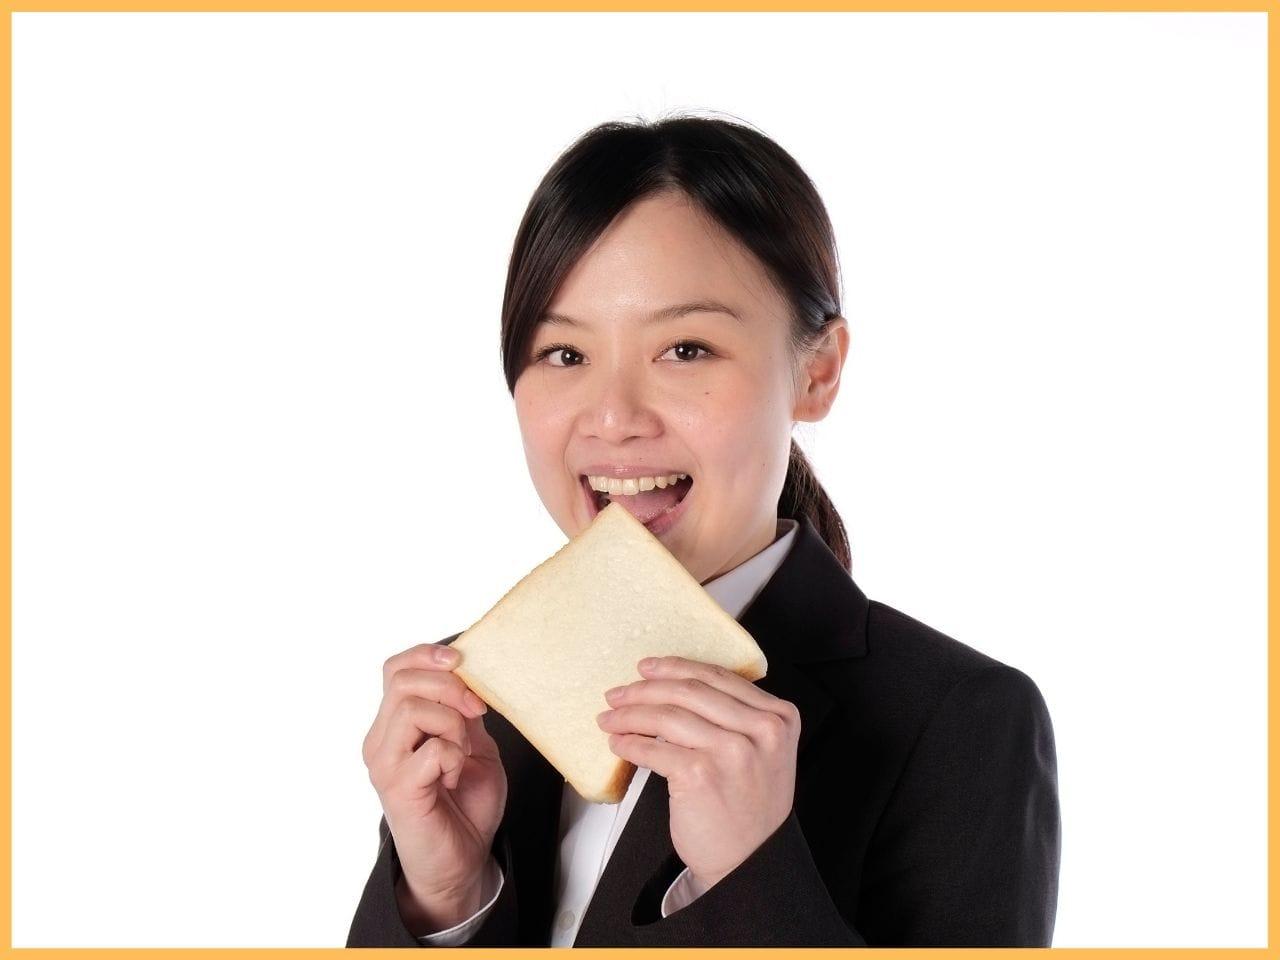 パンを食べるスーツ姿の女性